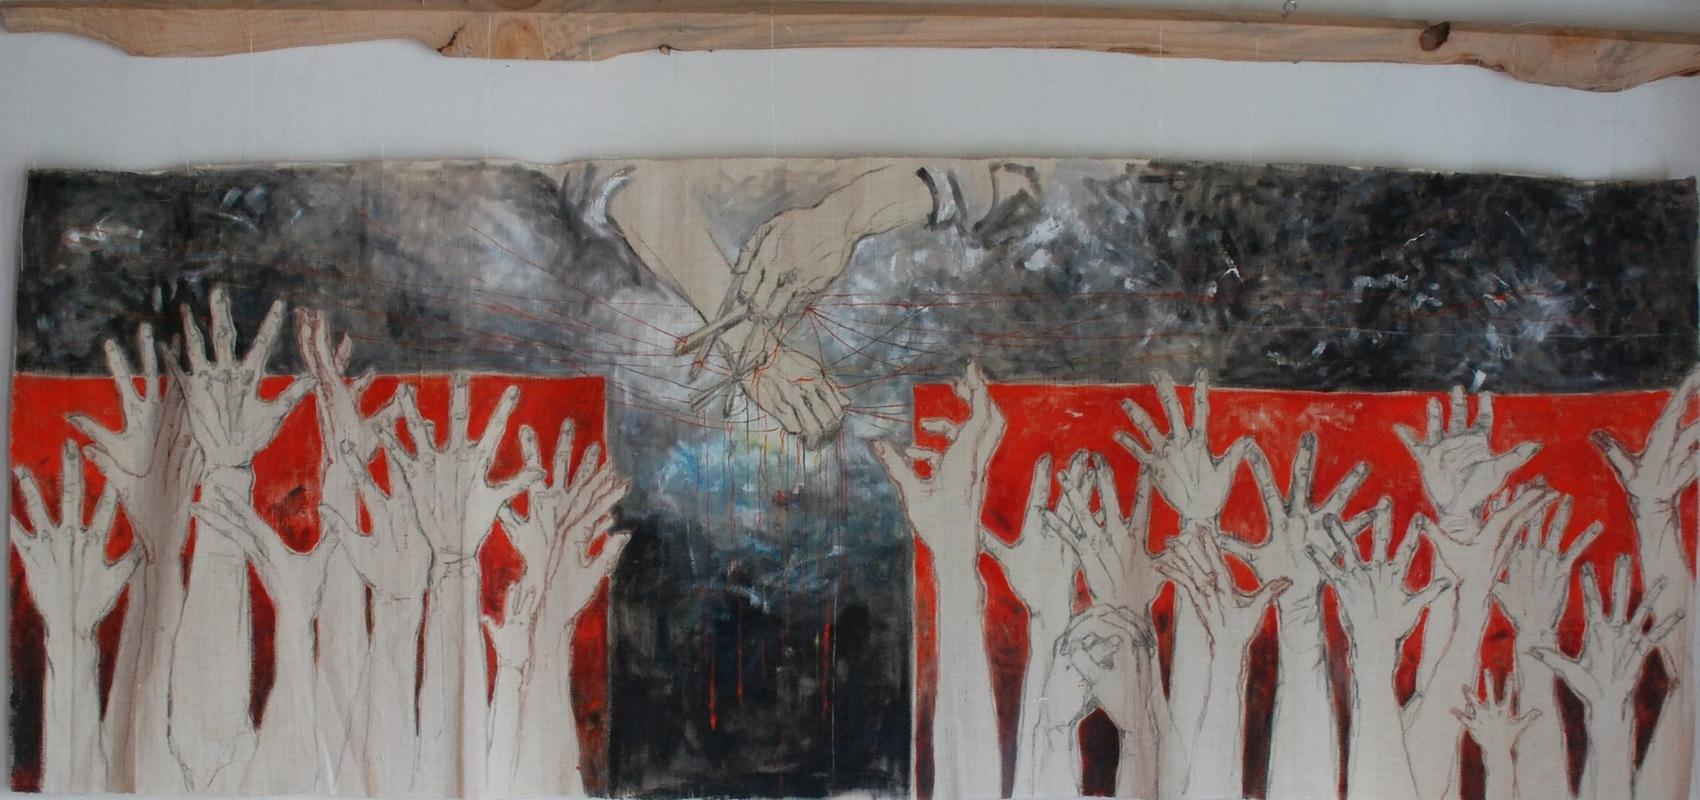 Martina Dalla Stella - Confini, tecnica mista su tela, 95x210 cm, 2016